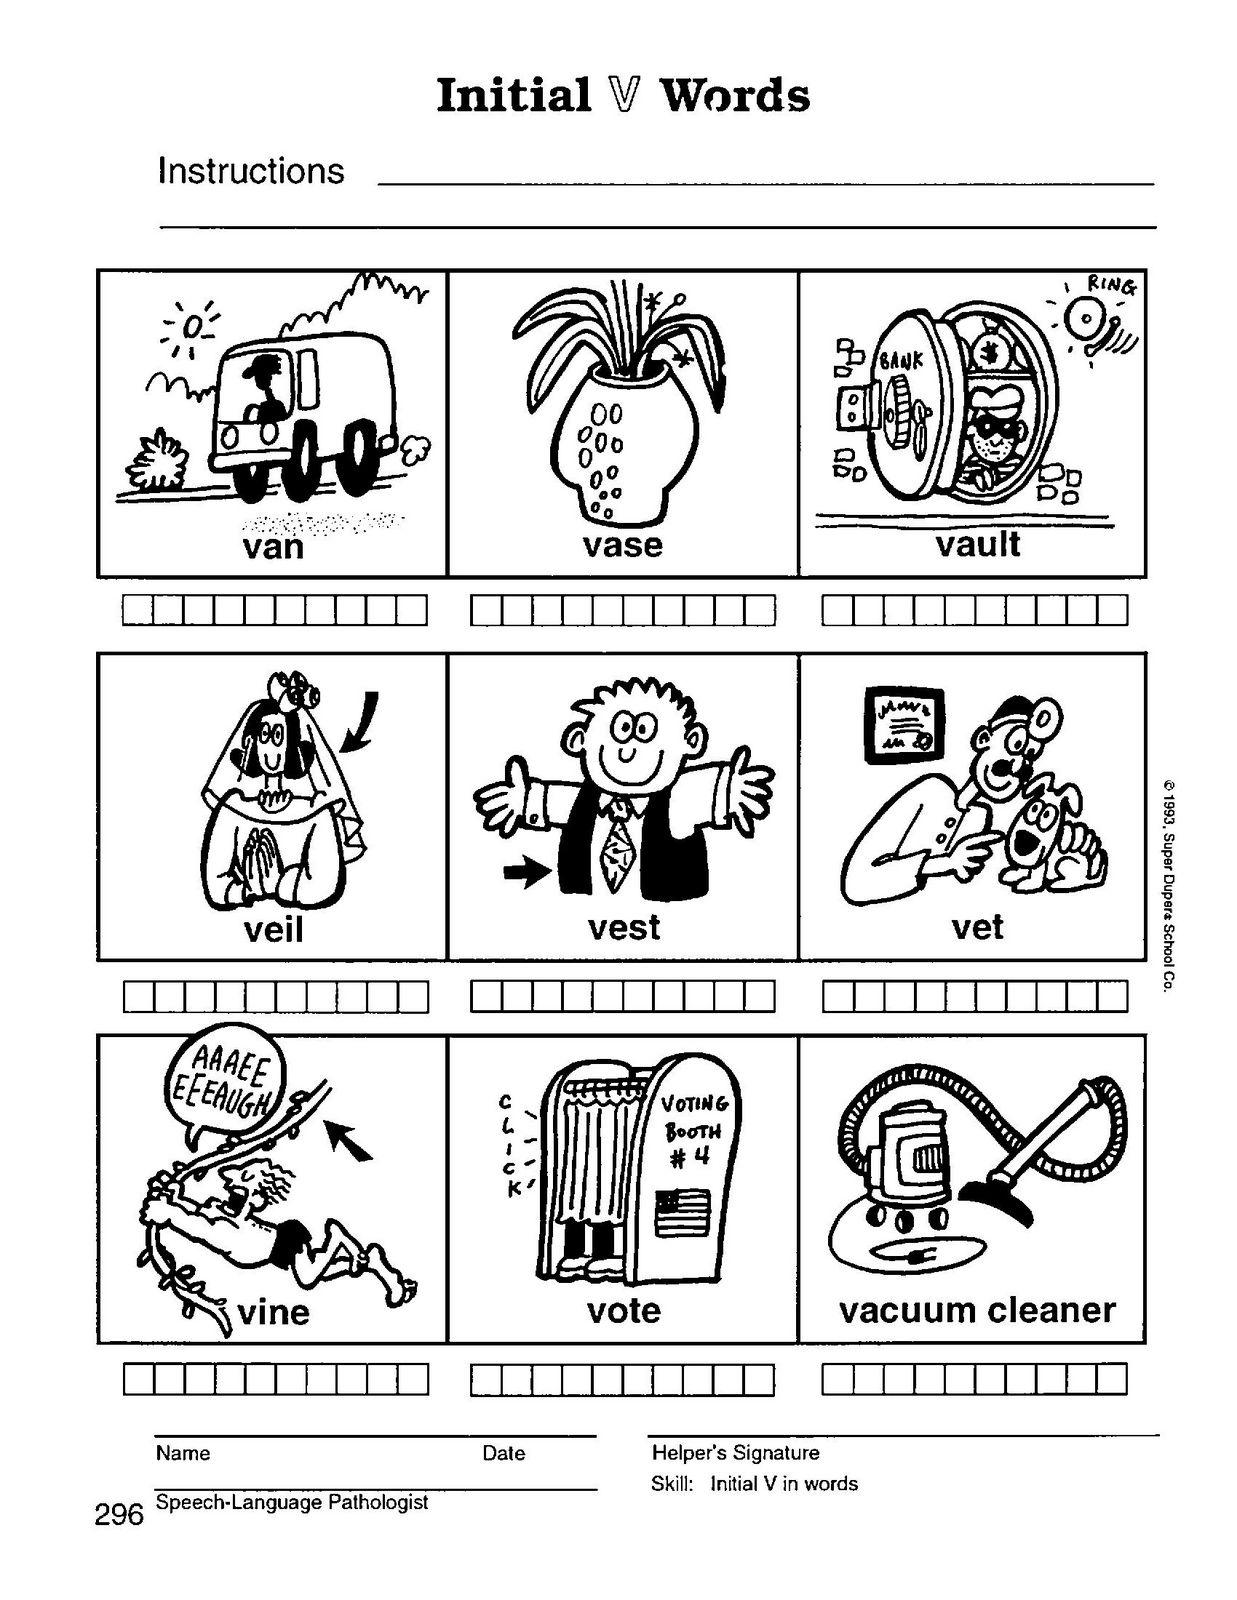 Worksheet I Words Preschool preschool speech home practice materials initial v 1